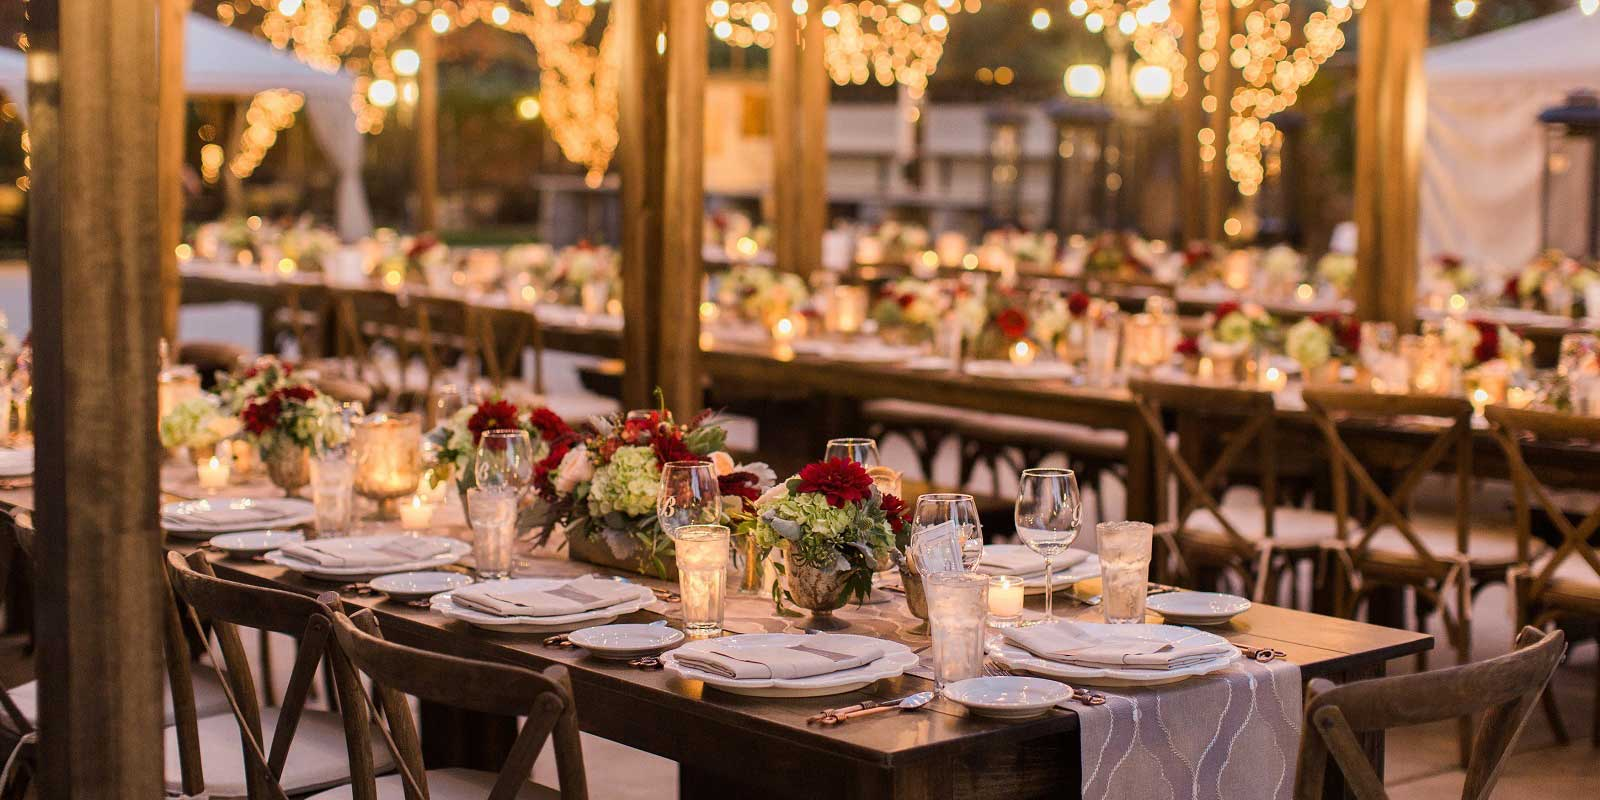 Pleasanton Event Rentals Party and Wedding Rentals in Pleasanton